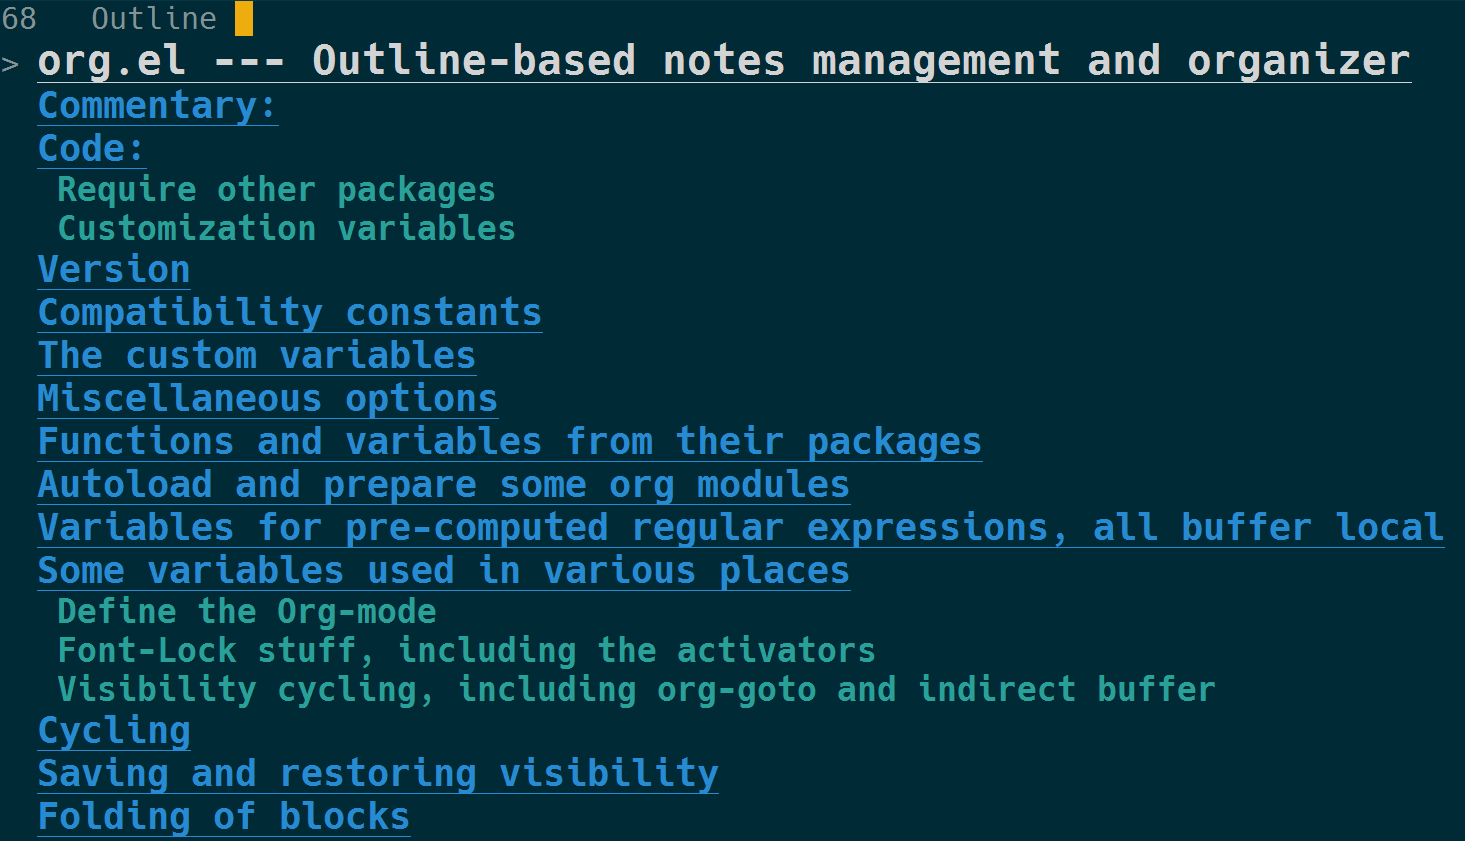 Emacs on Modern Emacs